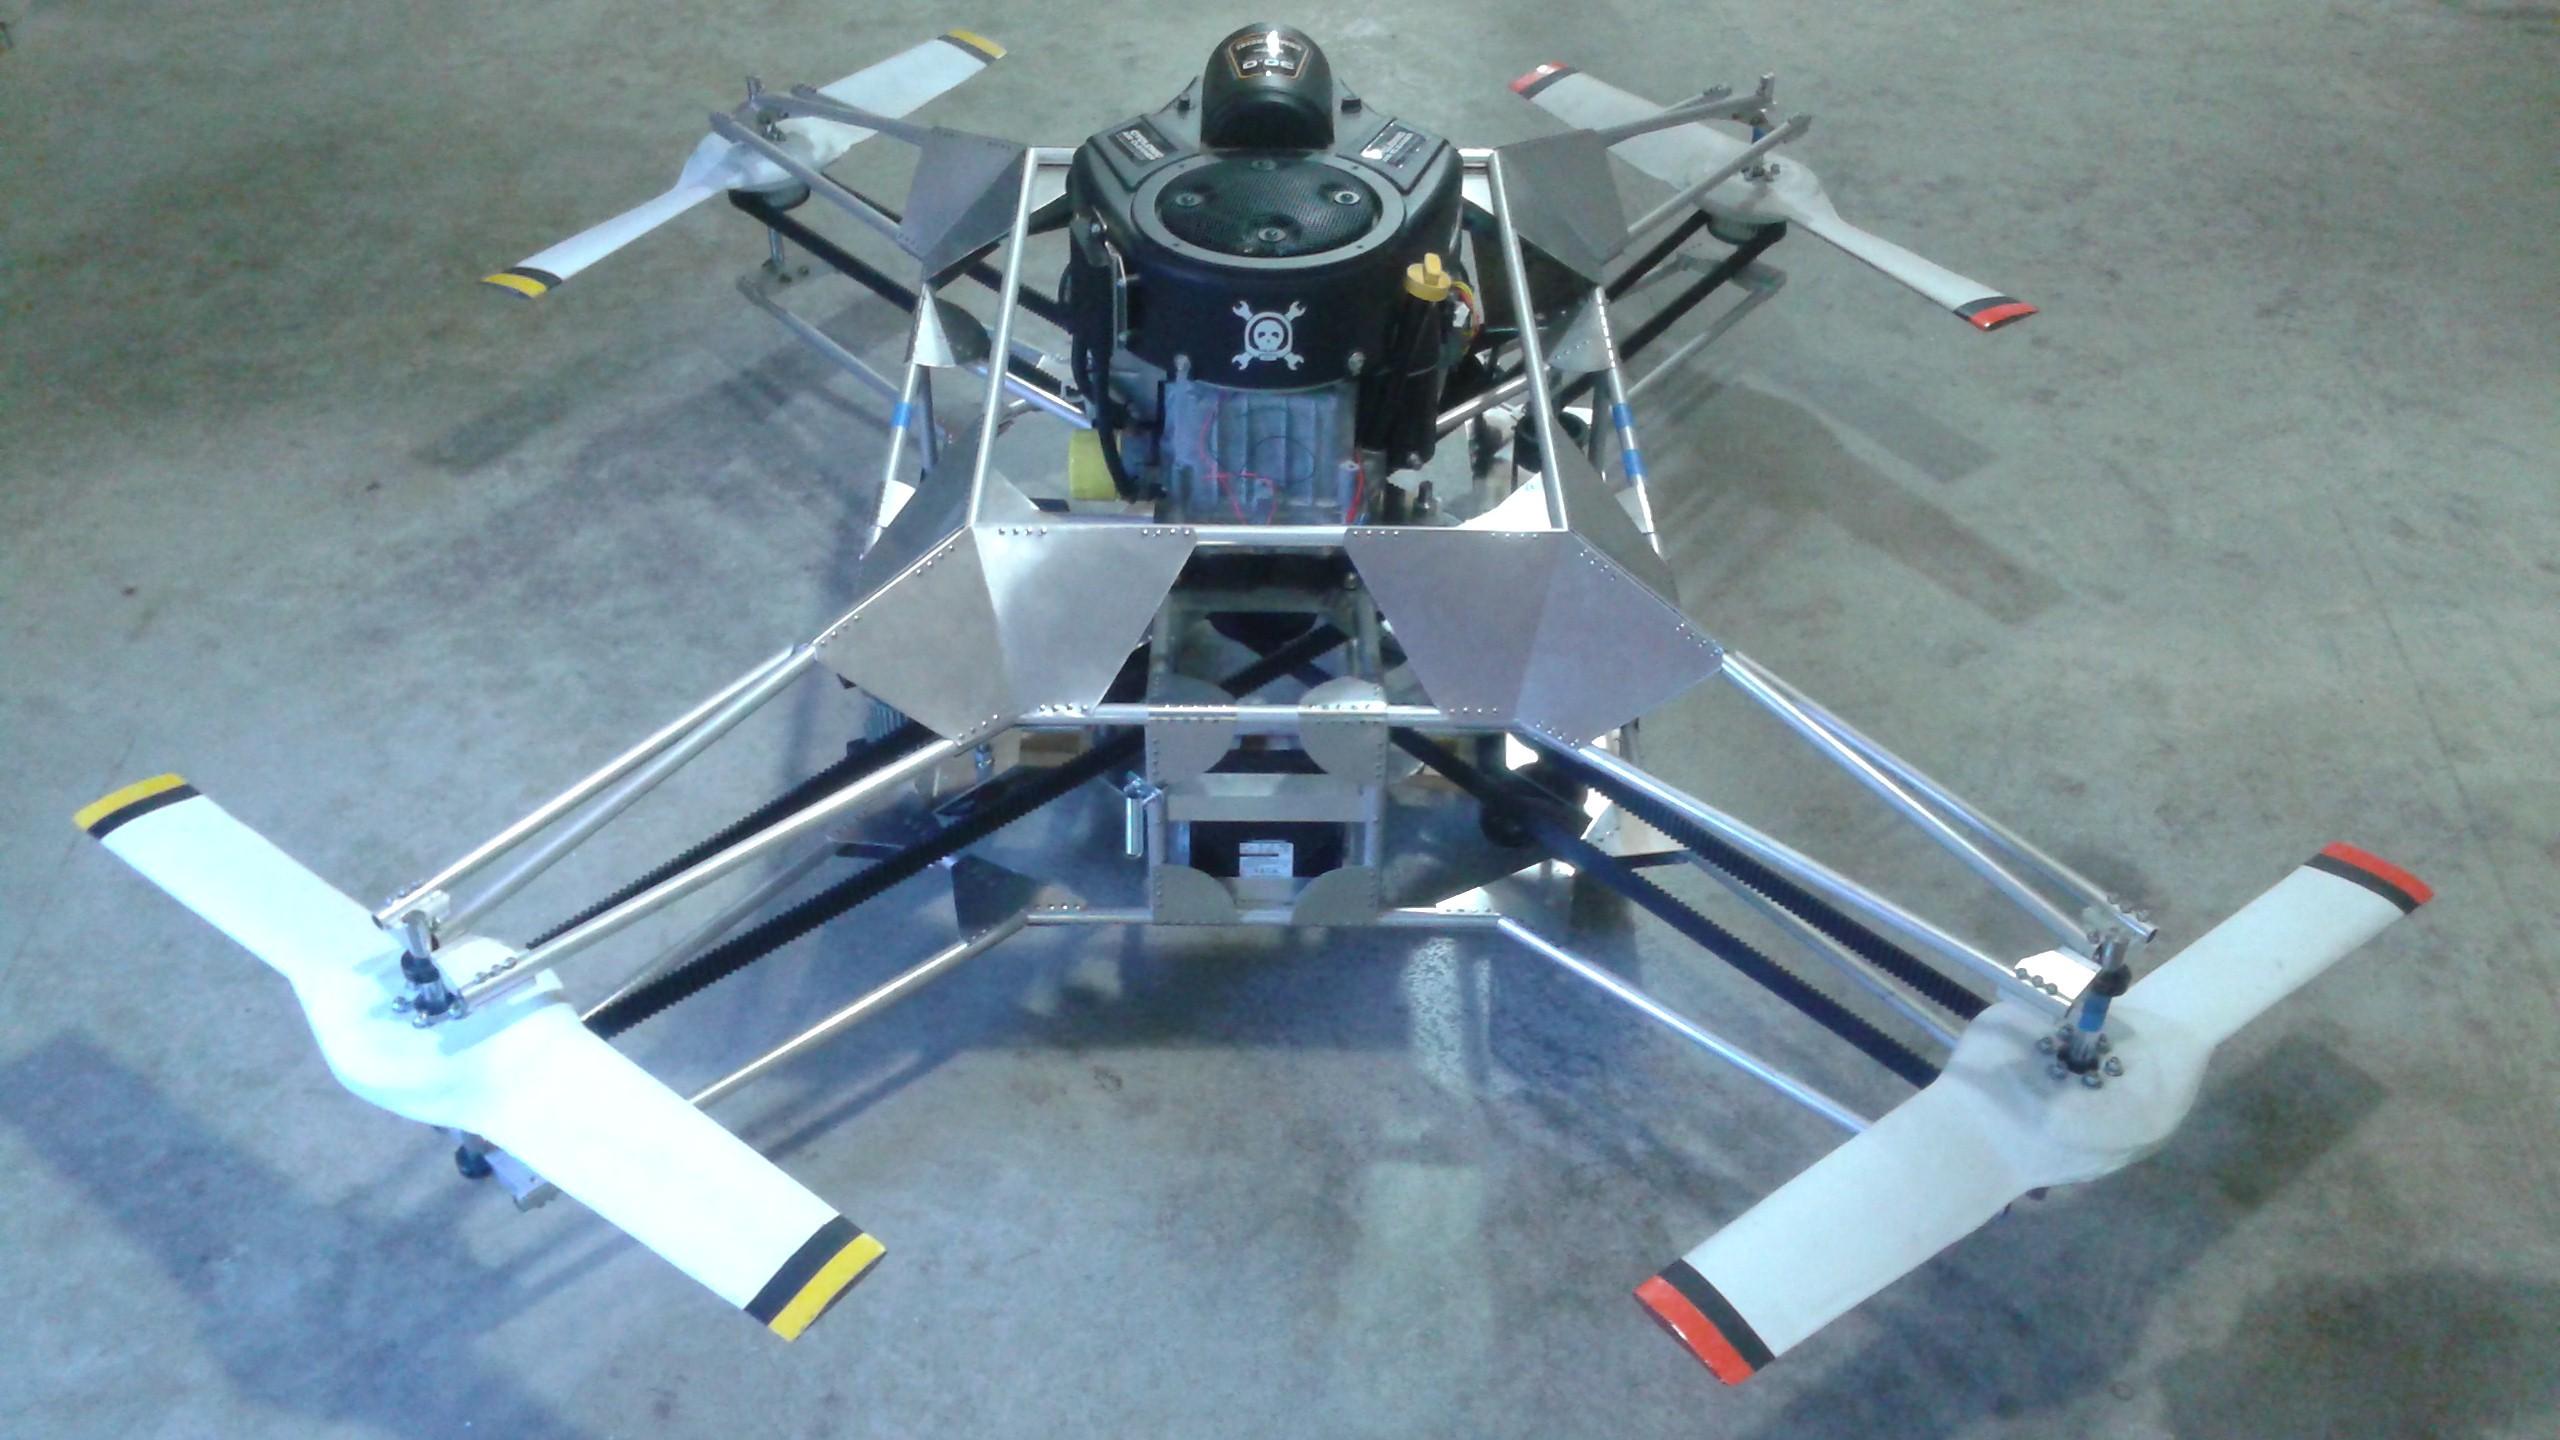 Goliath A Gas Powered Quadcopter Details Hackaday Io